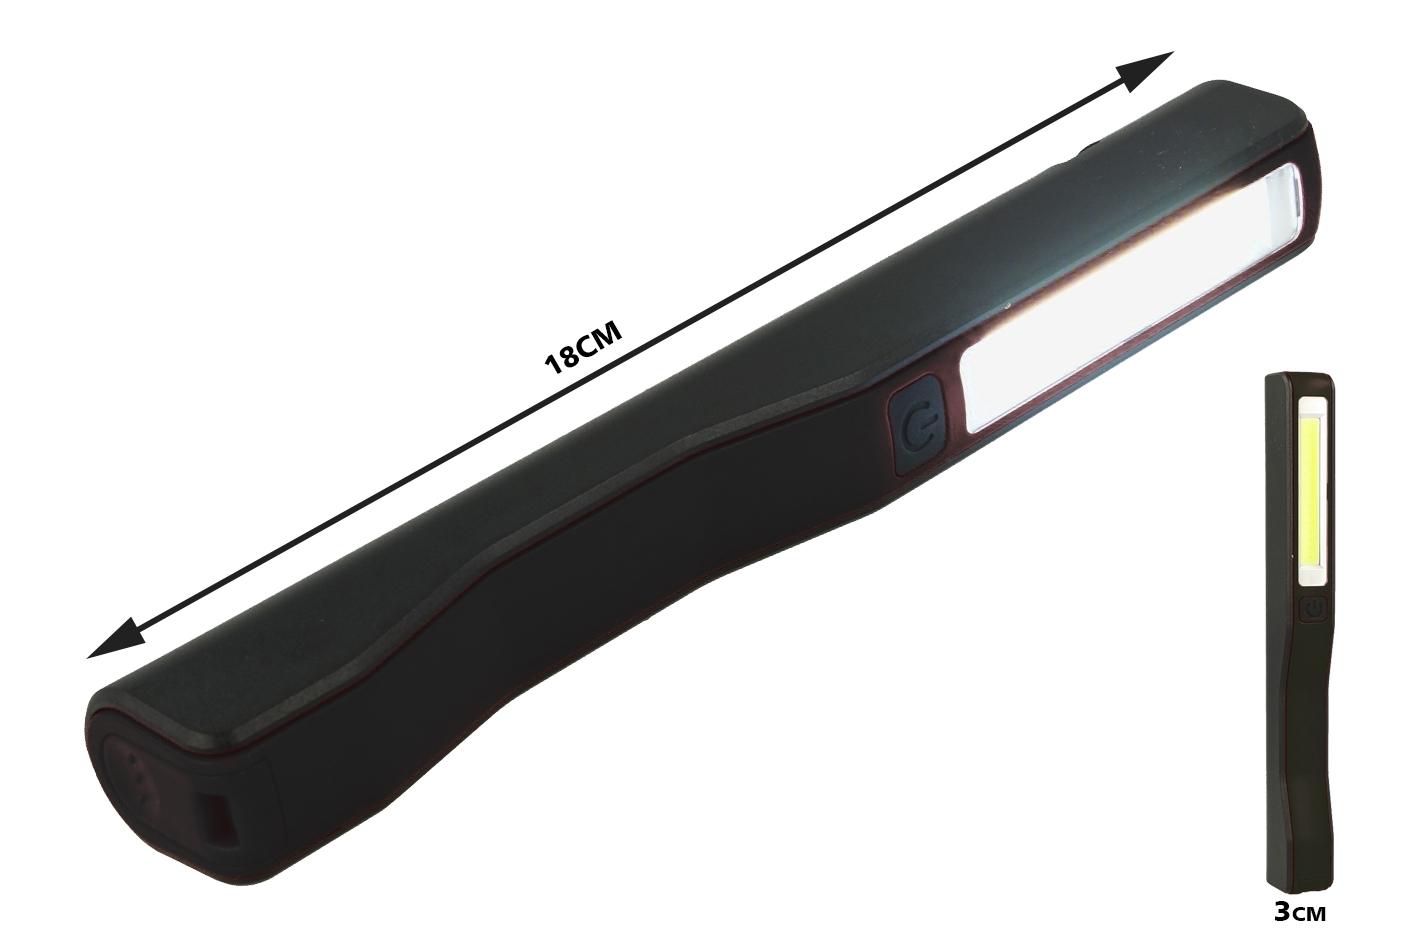 Mini Lampada Torcia Led Officina Ricaricabile Tascabile 2W Doppia Illuminazione Colore Nero - PZ